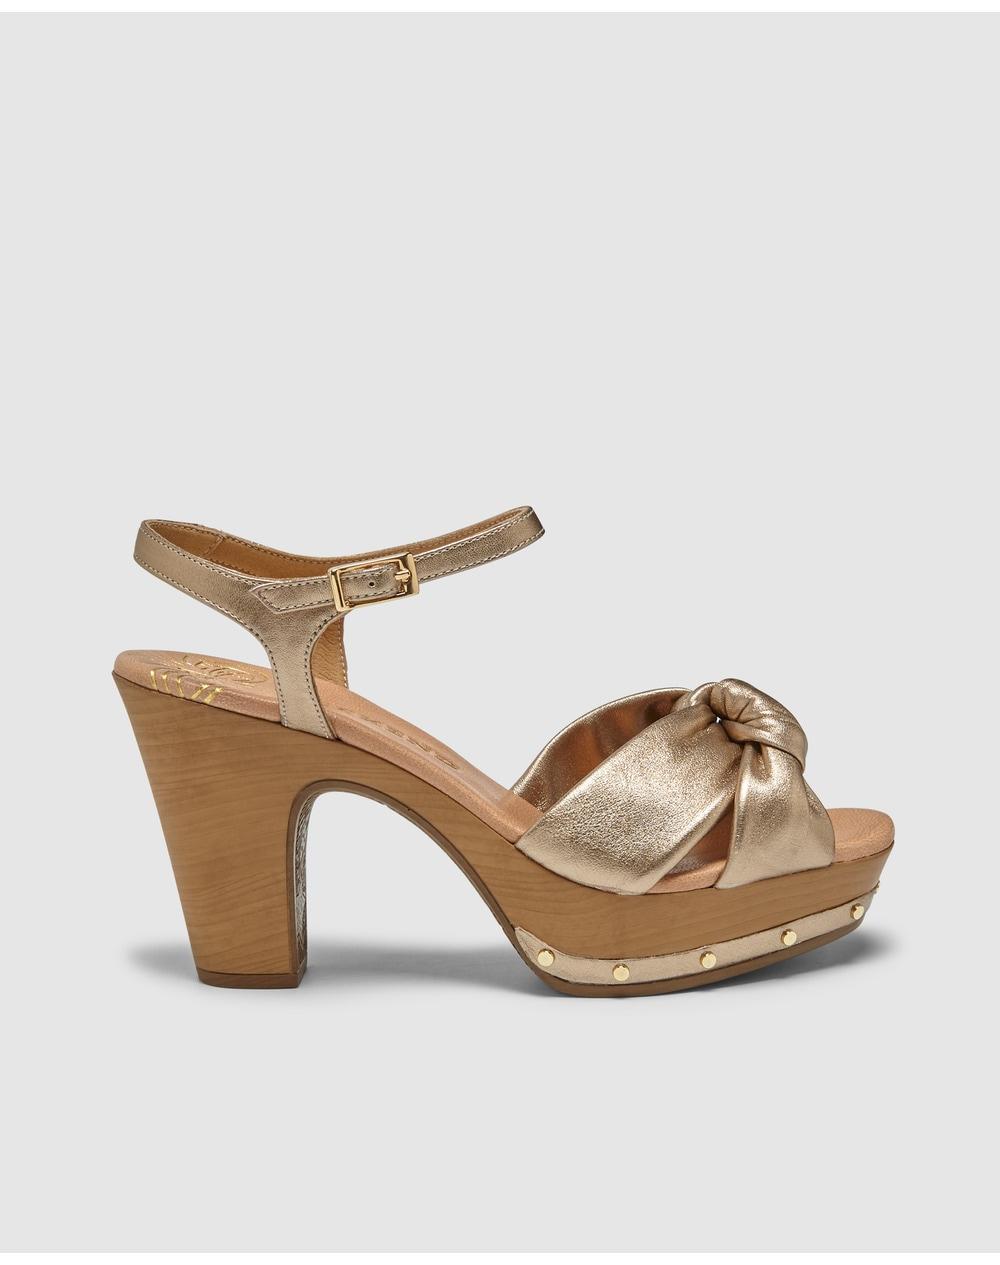 Sandales à talon femme Weekend en cuir doré métallisé